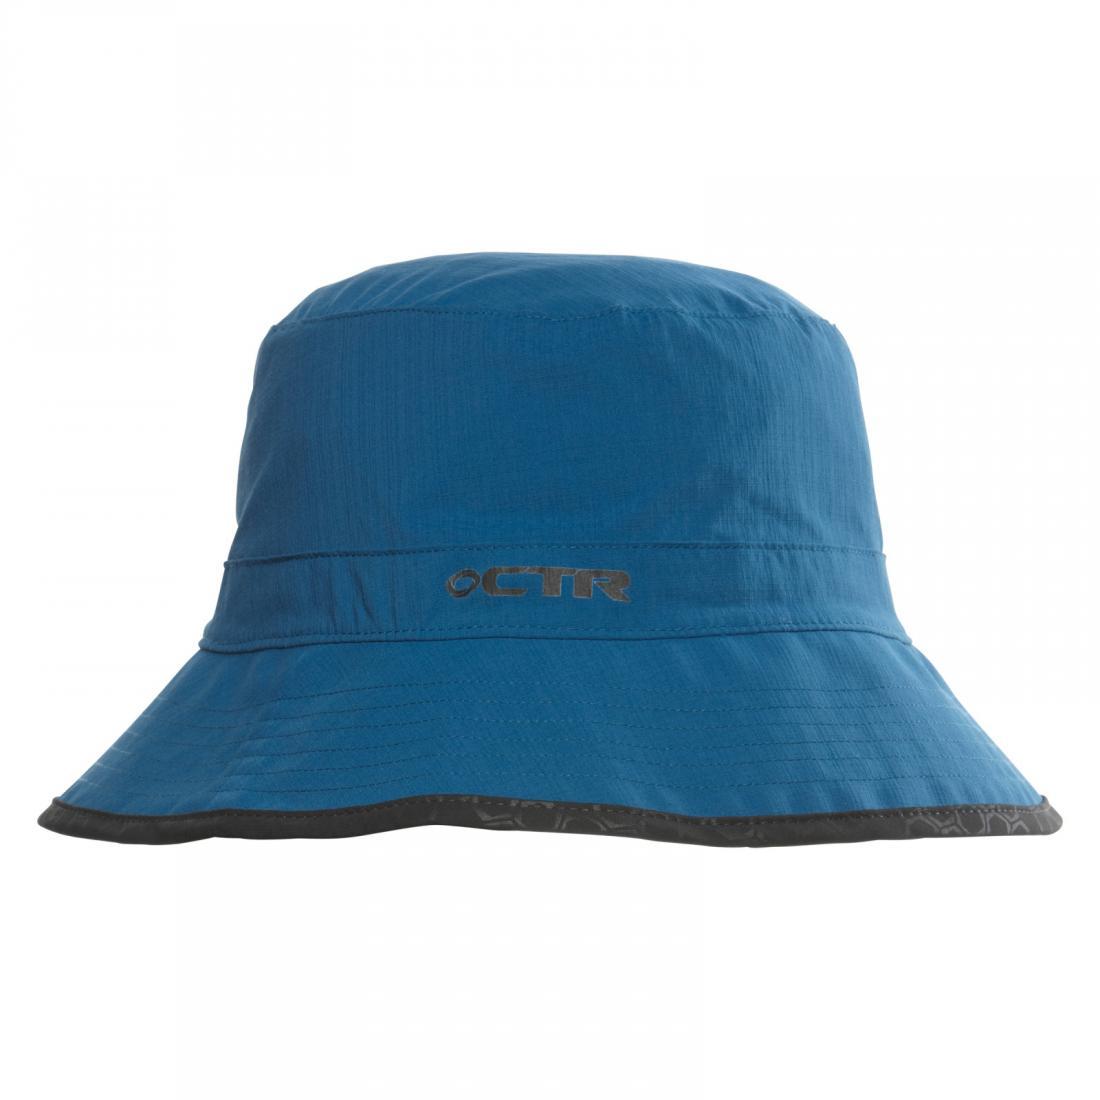 Панама Chaos  Summit Bucket HatПанамы<br><br> Классическая мужская панама Summit Bucket Hat от Chaos — это оптимальное решение для рыбалки и туризма. Легкая и удобная, она отлично защищает и от солнечных лучей, и от дождя. Благодаря компактным размерам она легко помещается в карман, а лаконичн...<br><br>Цвет: Синий<br>Размер: L-XL